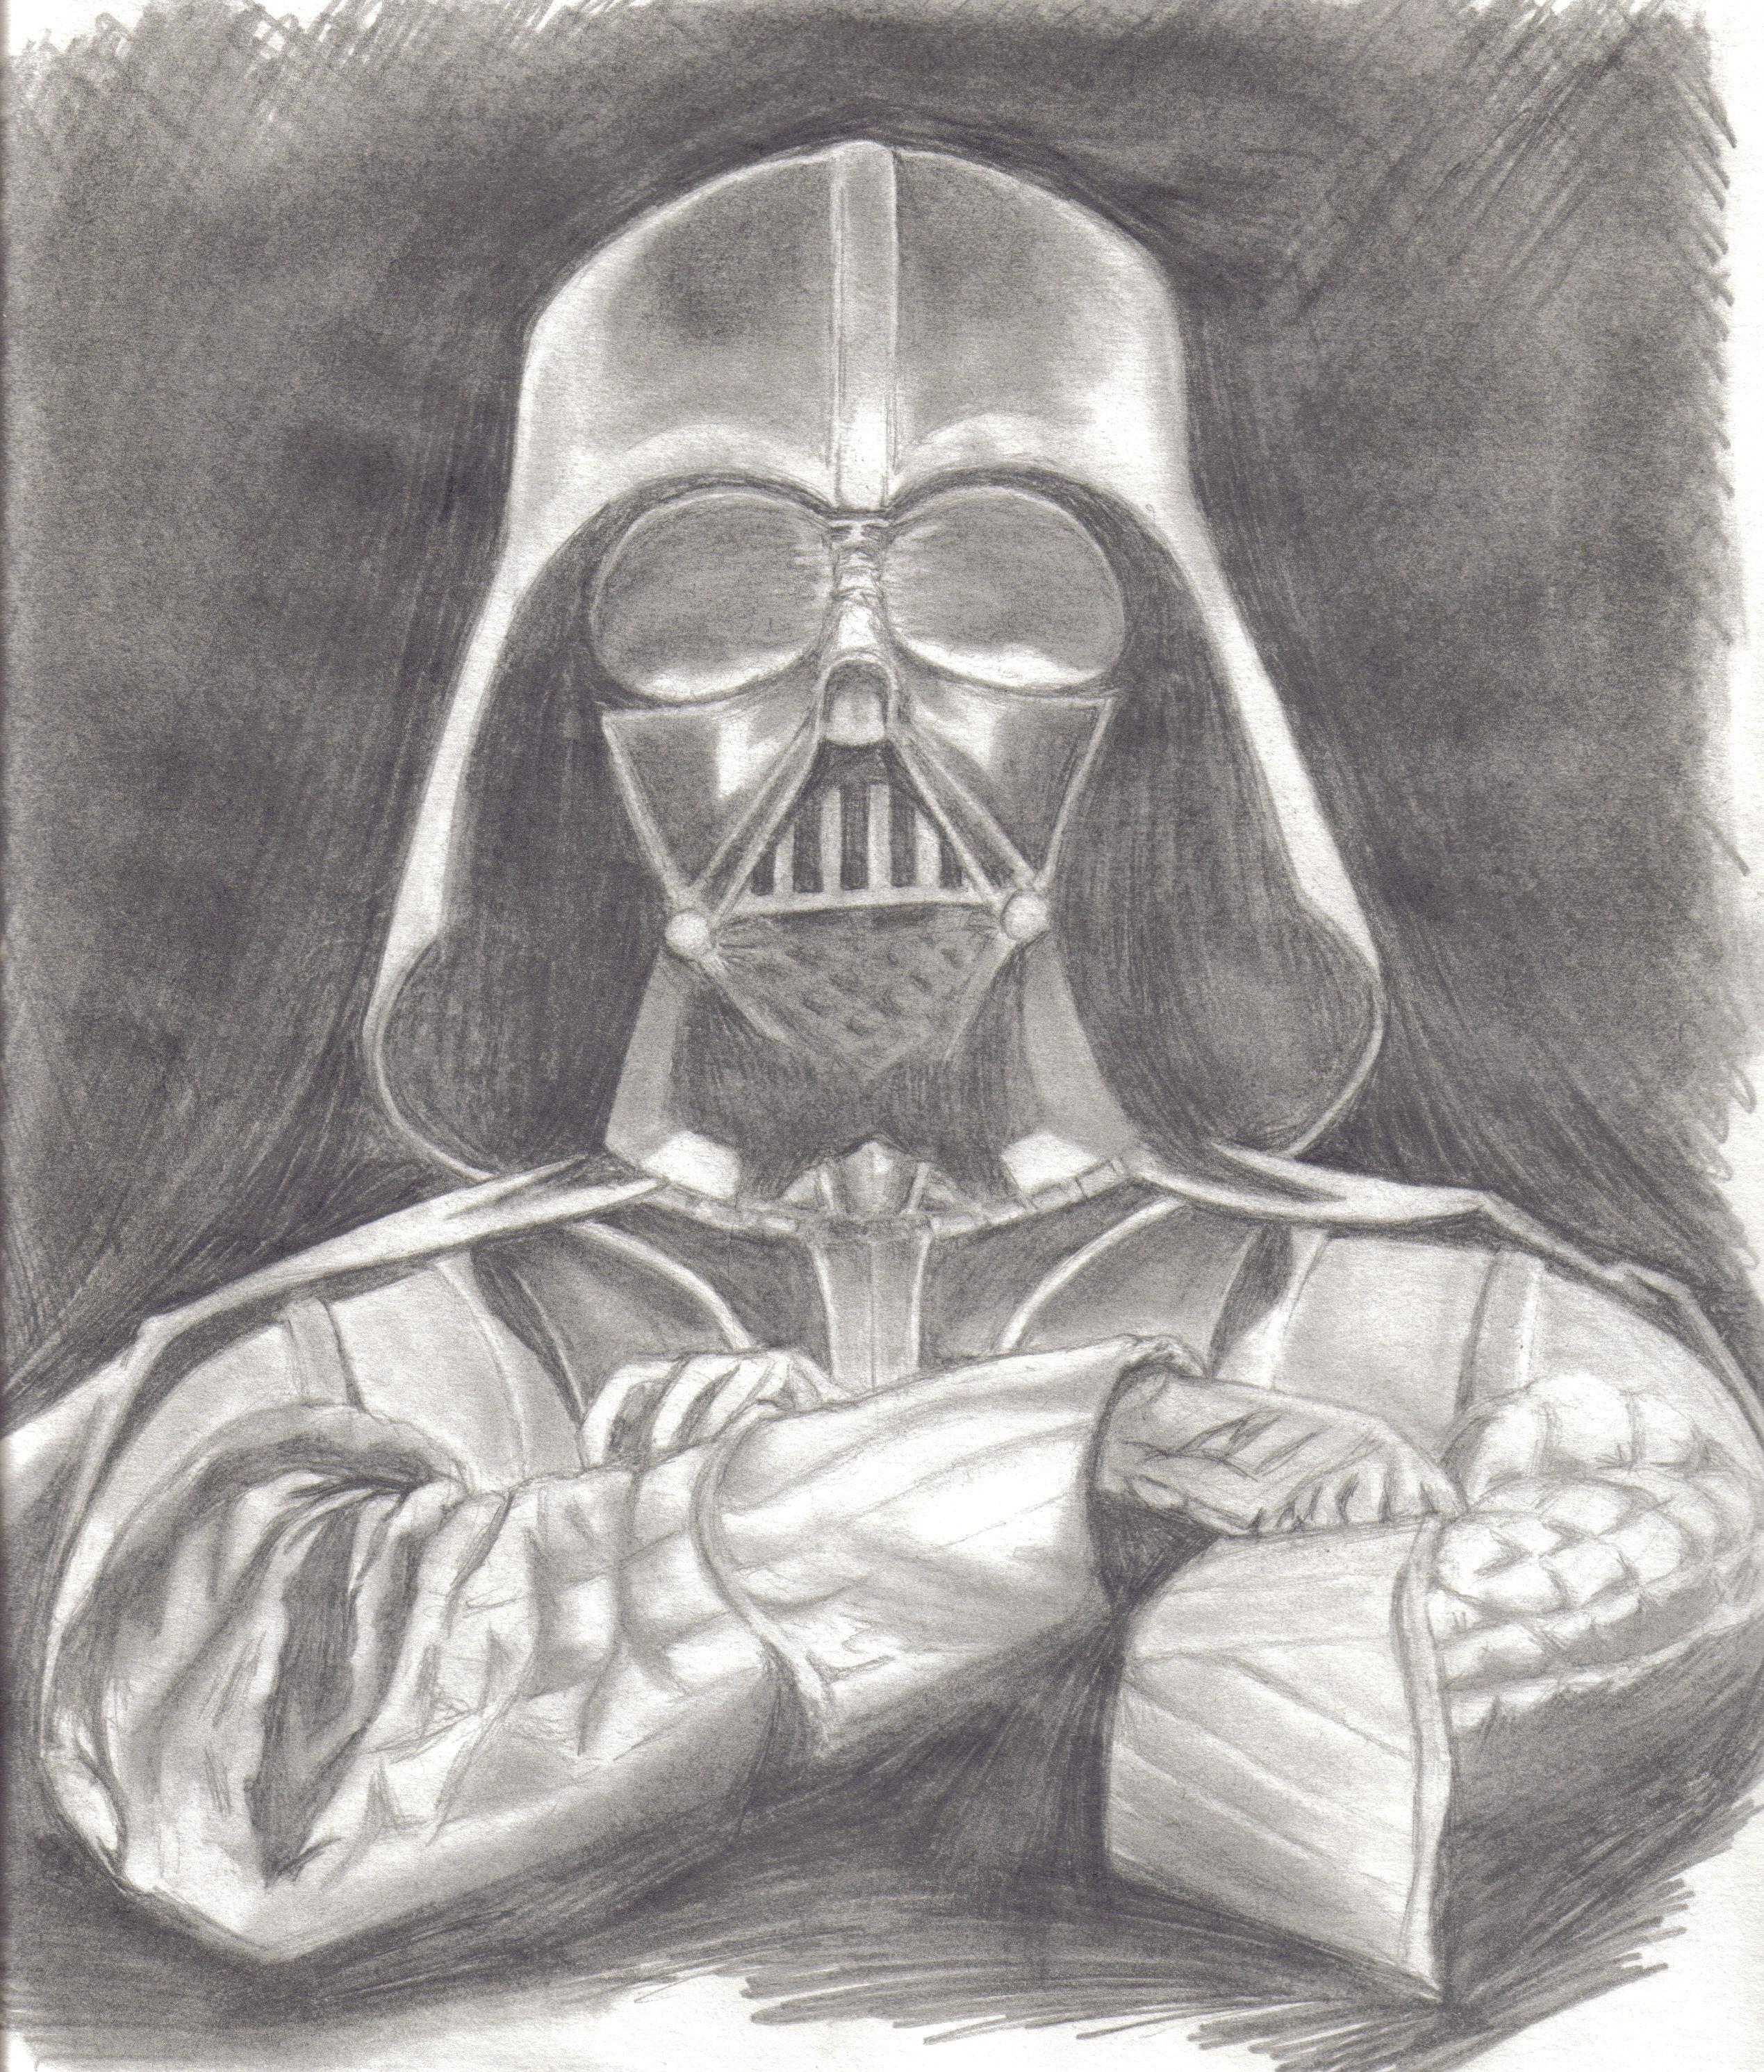 Drawn darth vader darrh Wars Archives Pencil of Darth